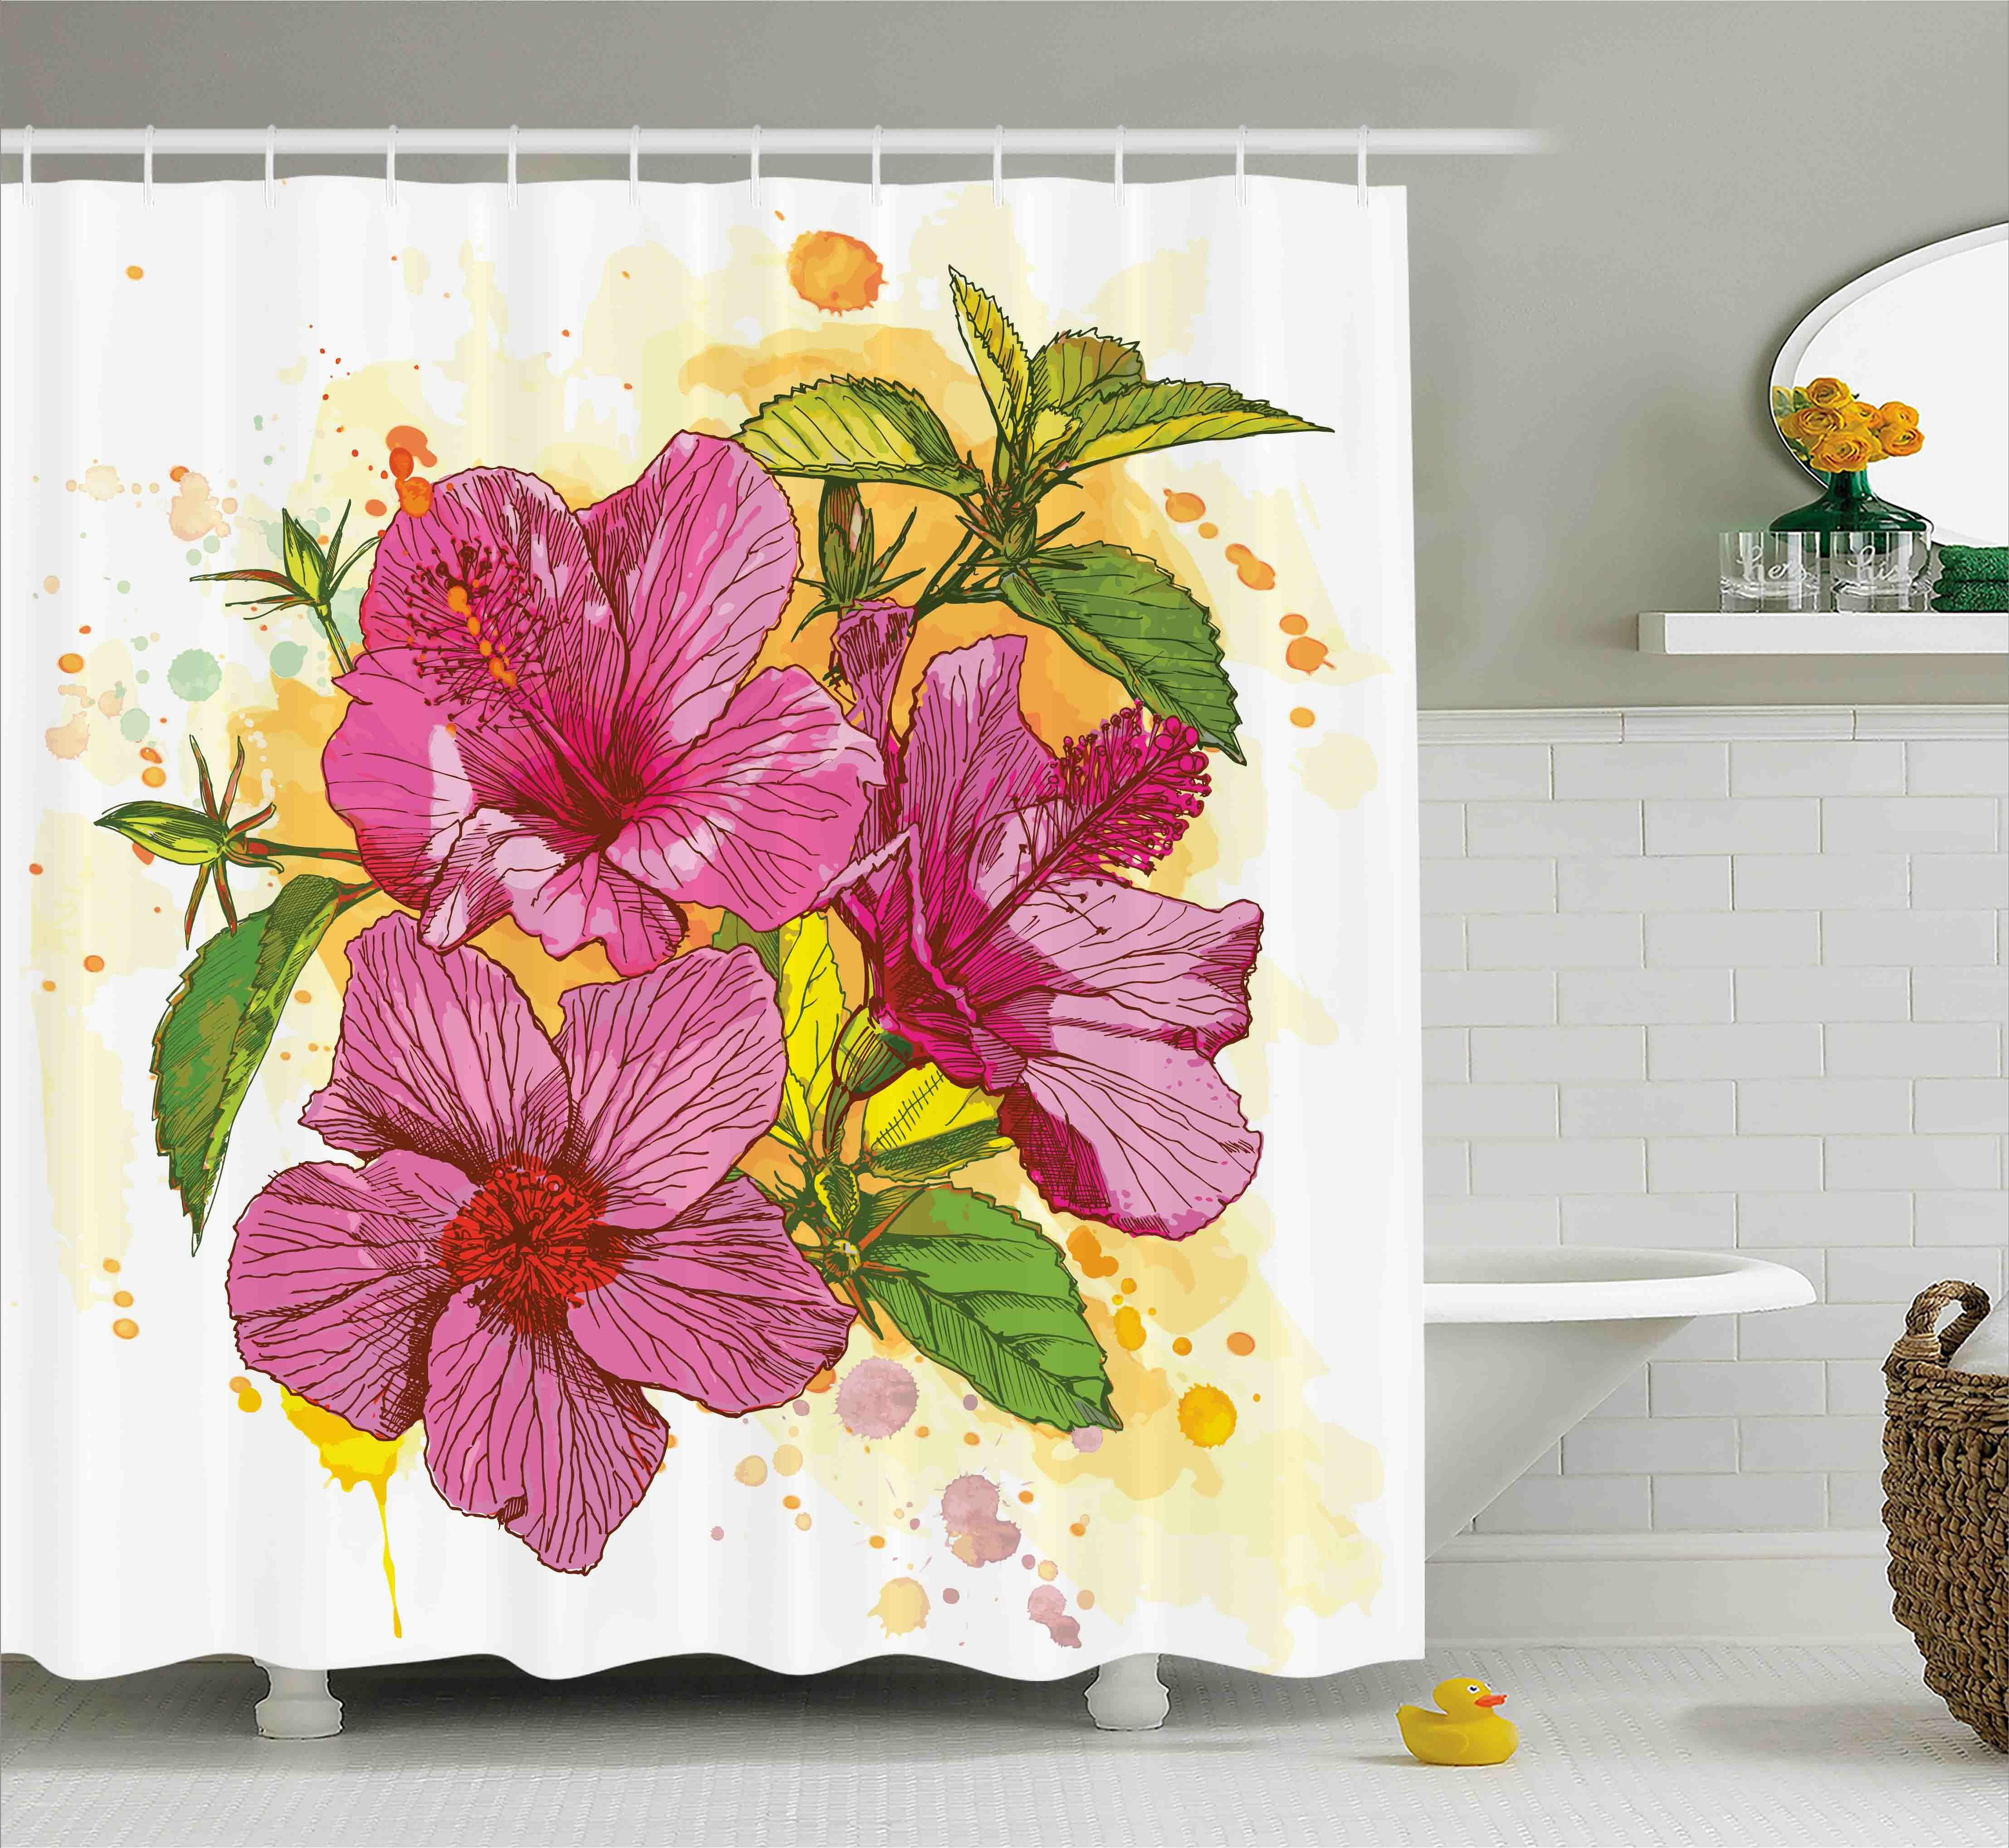 Ebern designs adrienne vibrant hibiscus flower bouquet exotic ebern designs adrienne vibrant hibiscus flower bouquet exotic elegance watercolor art shower curtain wayfair izmirmasajfo